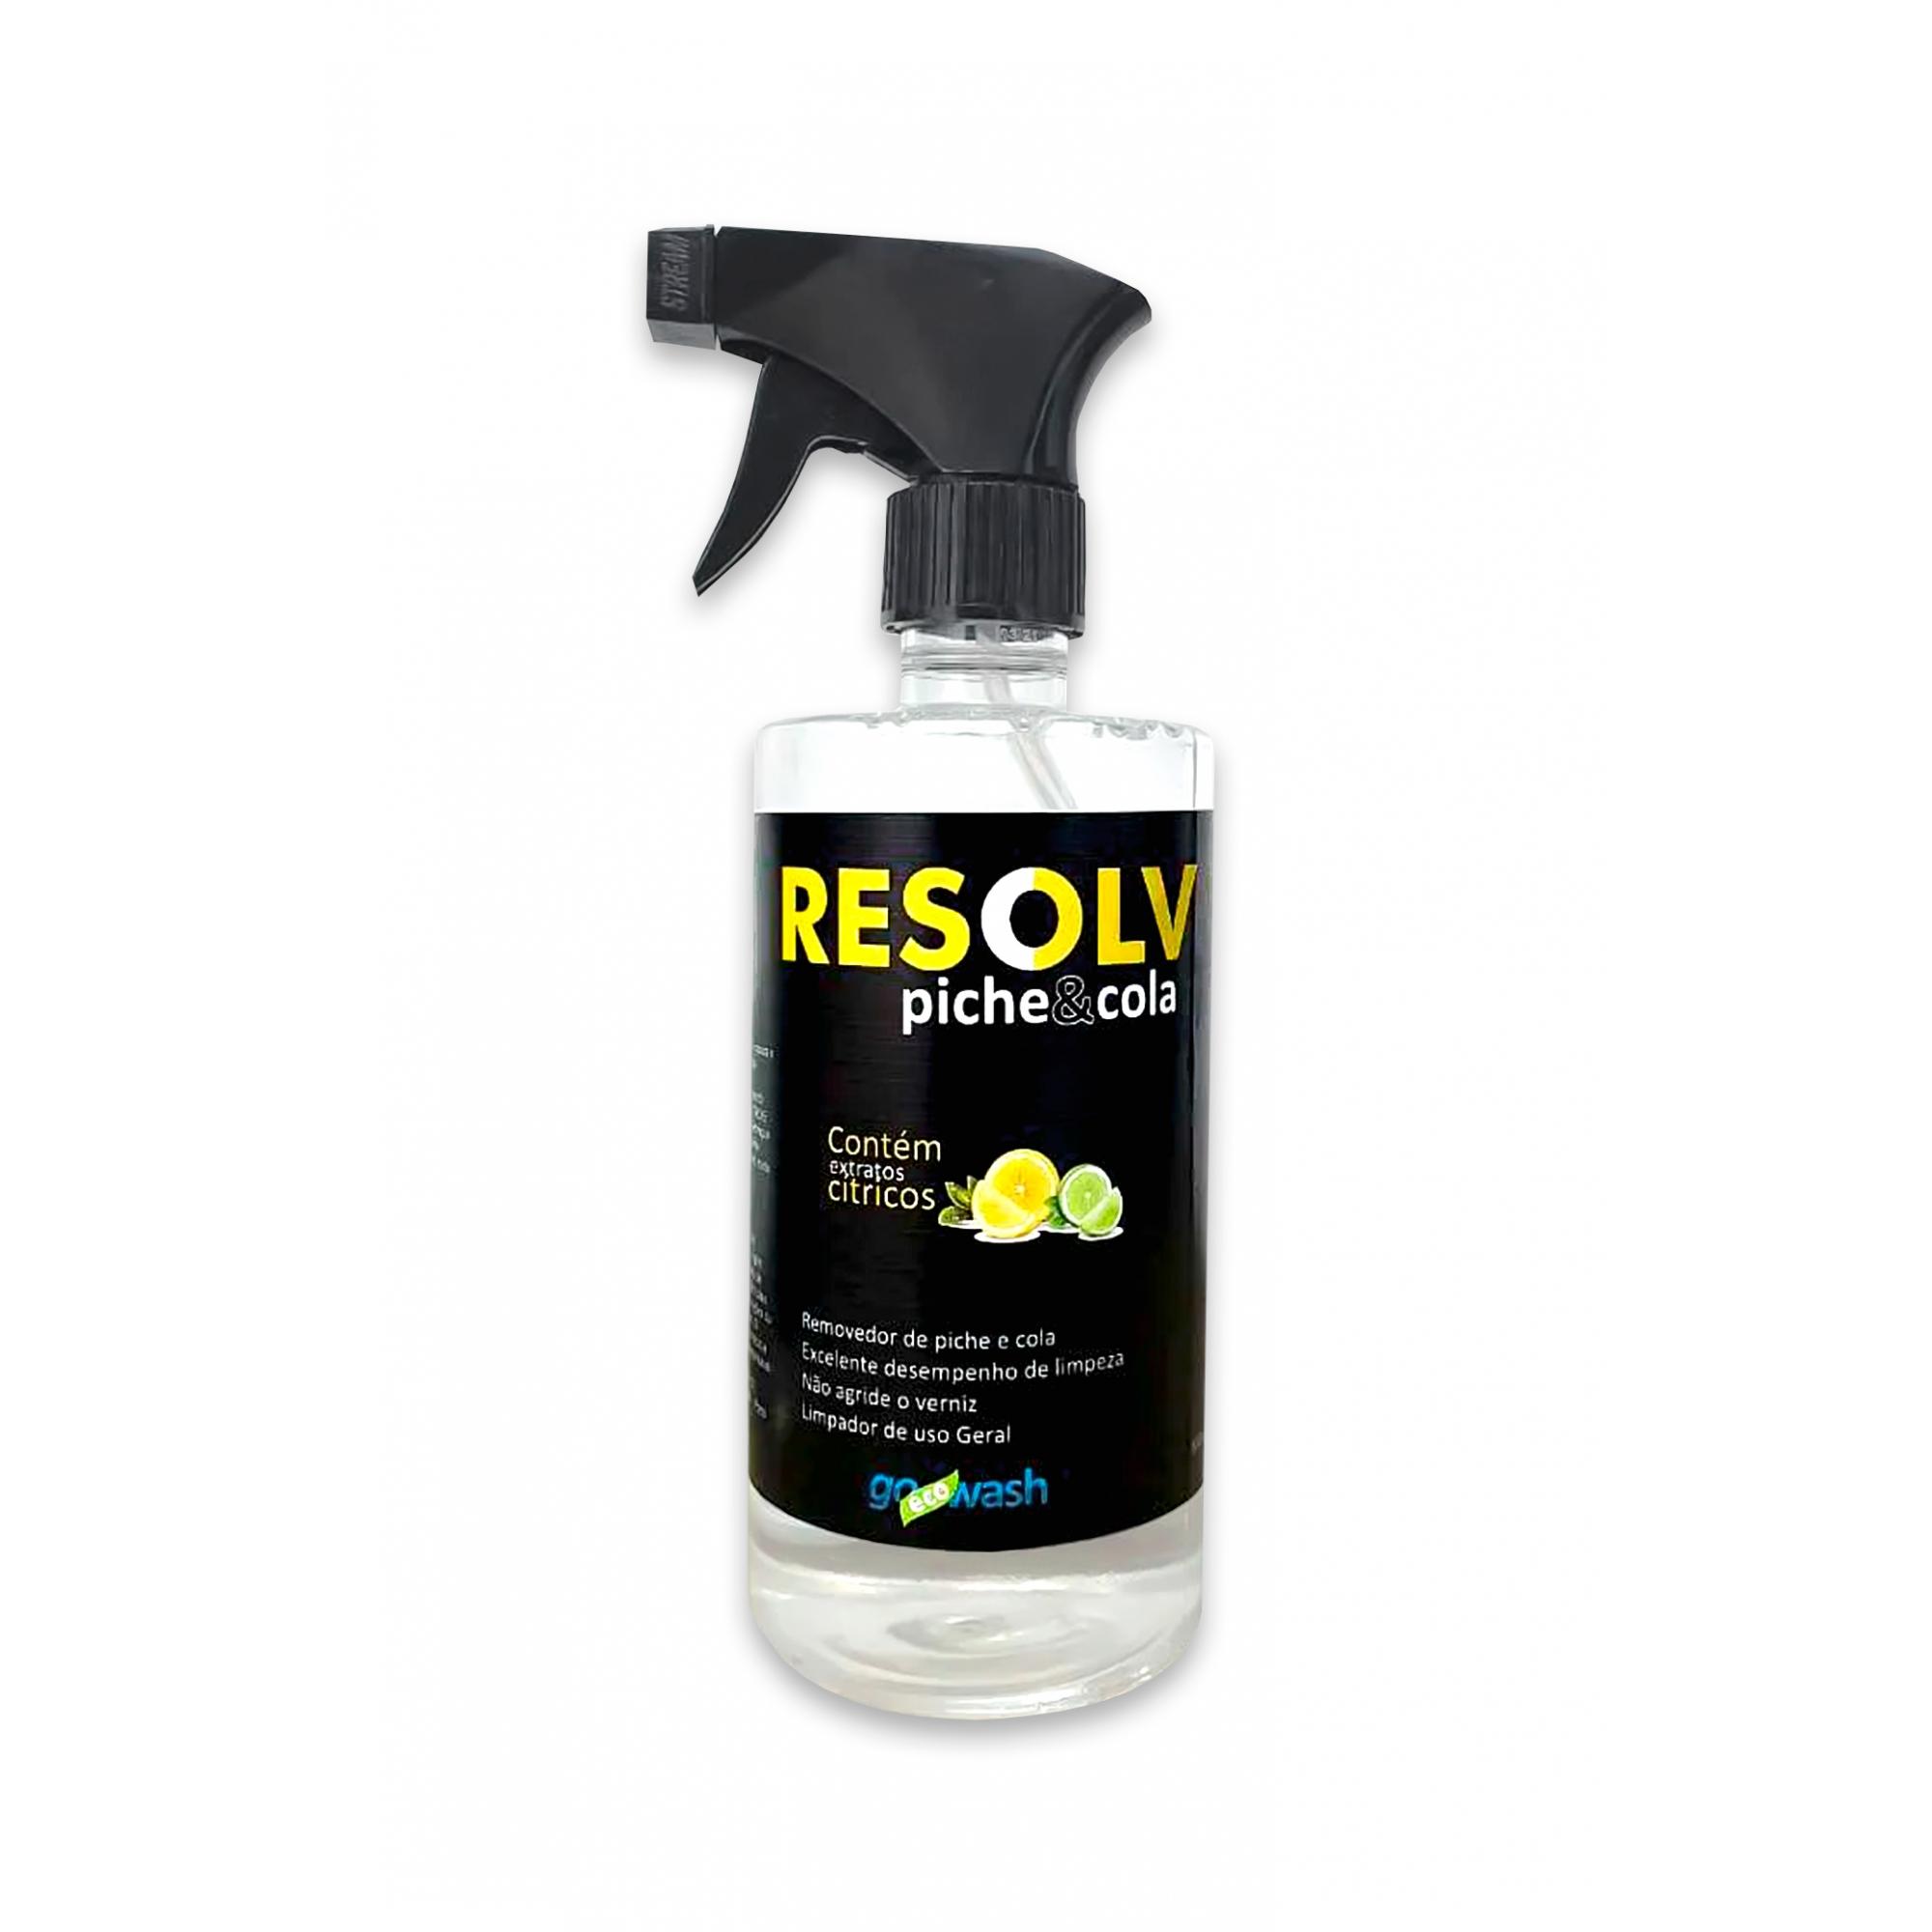 Resolv 500ml - Removedor de Piche e Cola Go Eco Wash